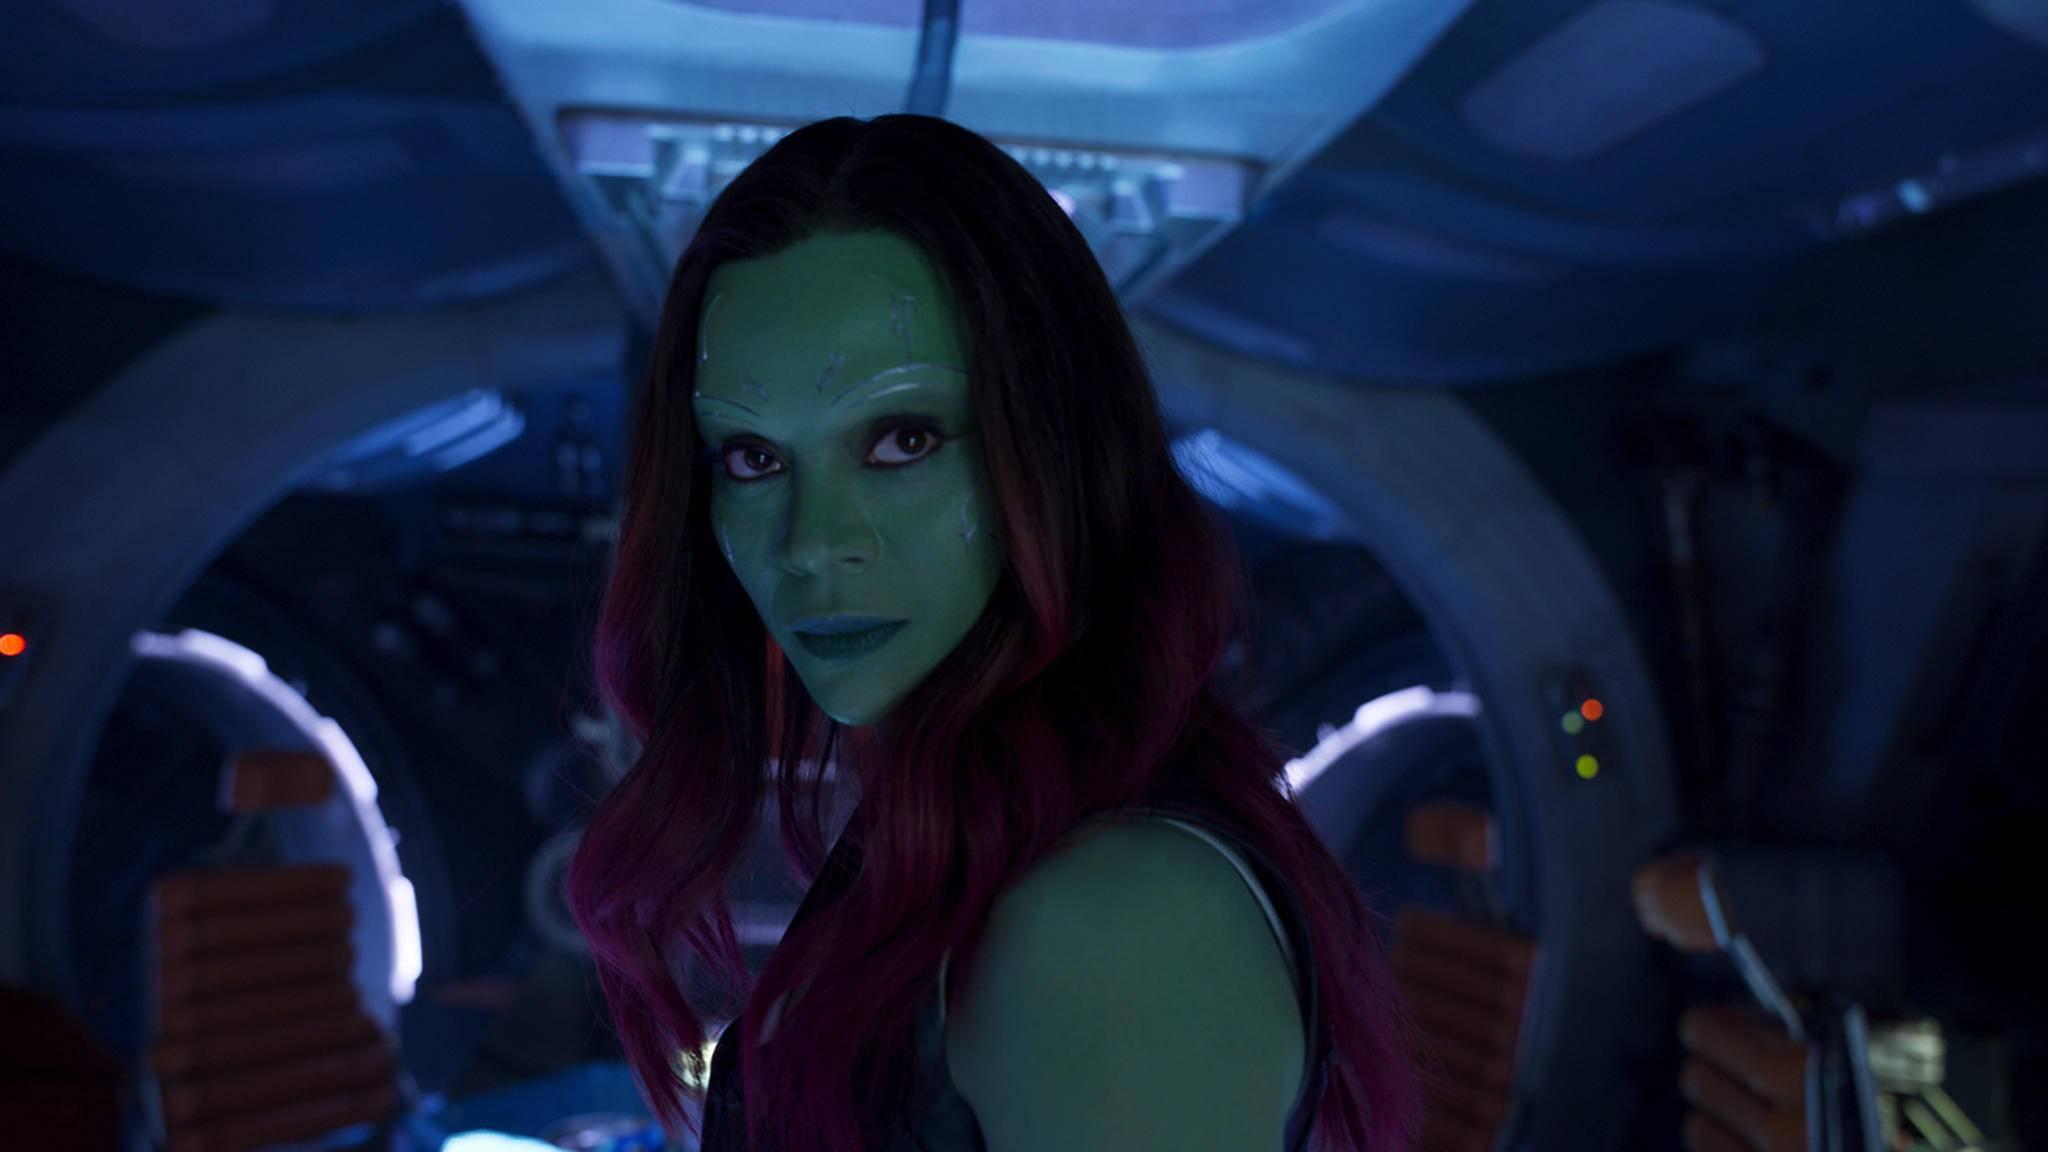 """Was erwartet Gamora nach """"Guardians of the Galaxy 2""""?"""